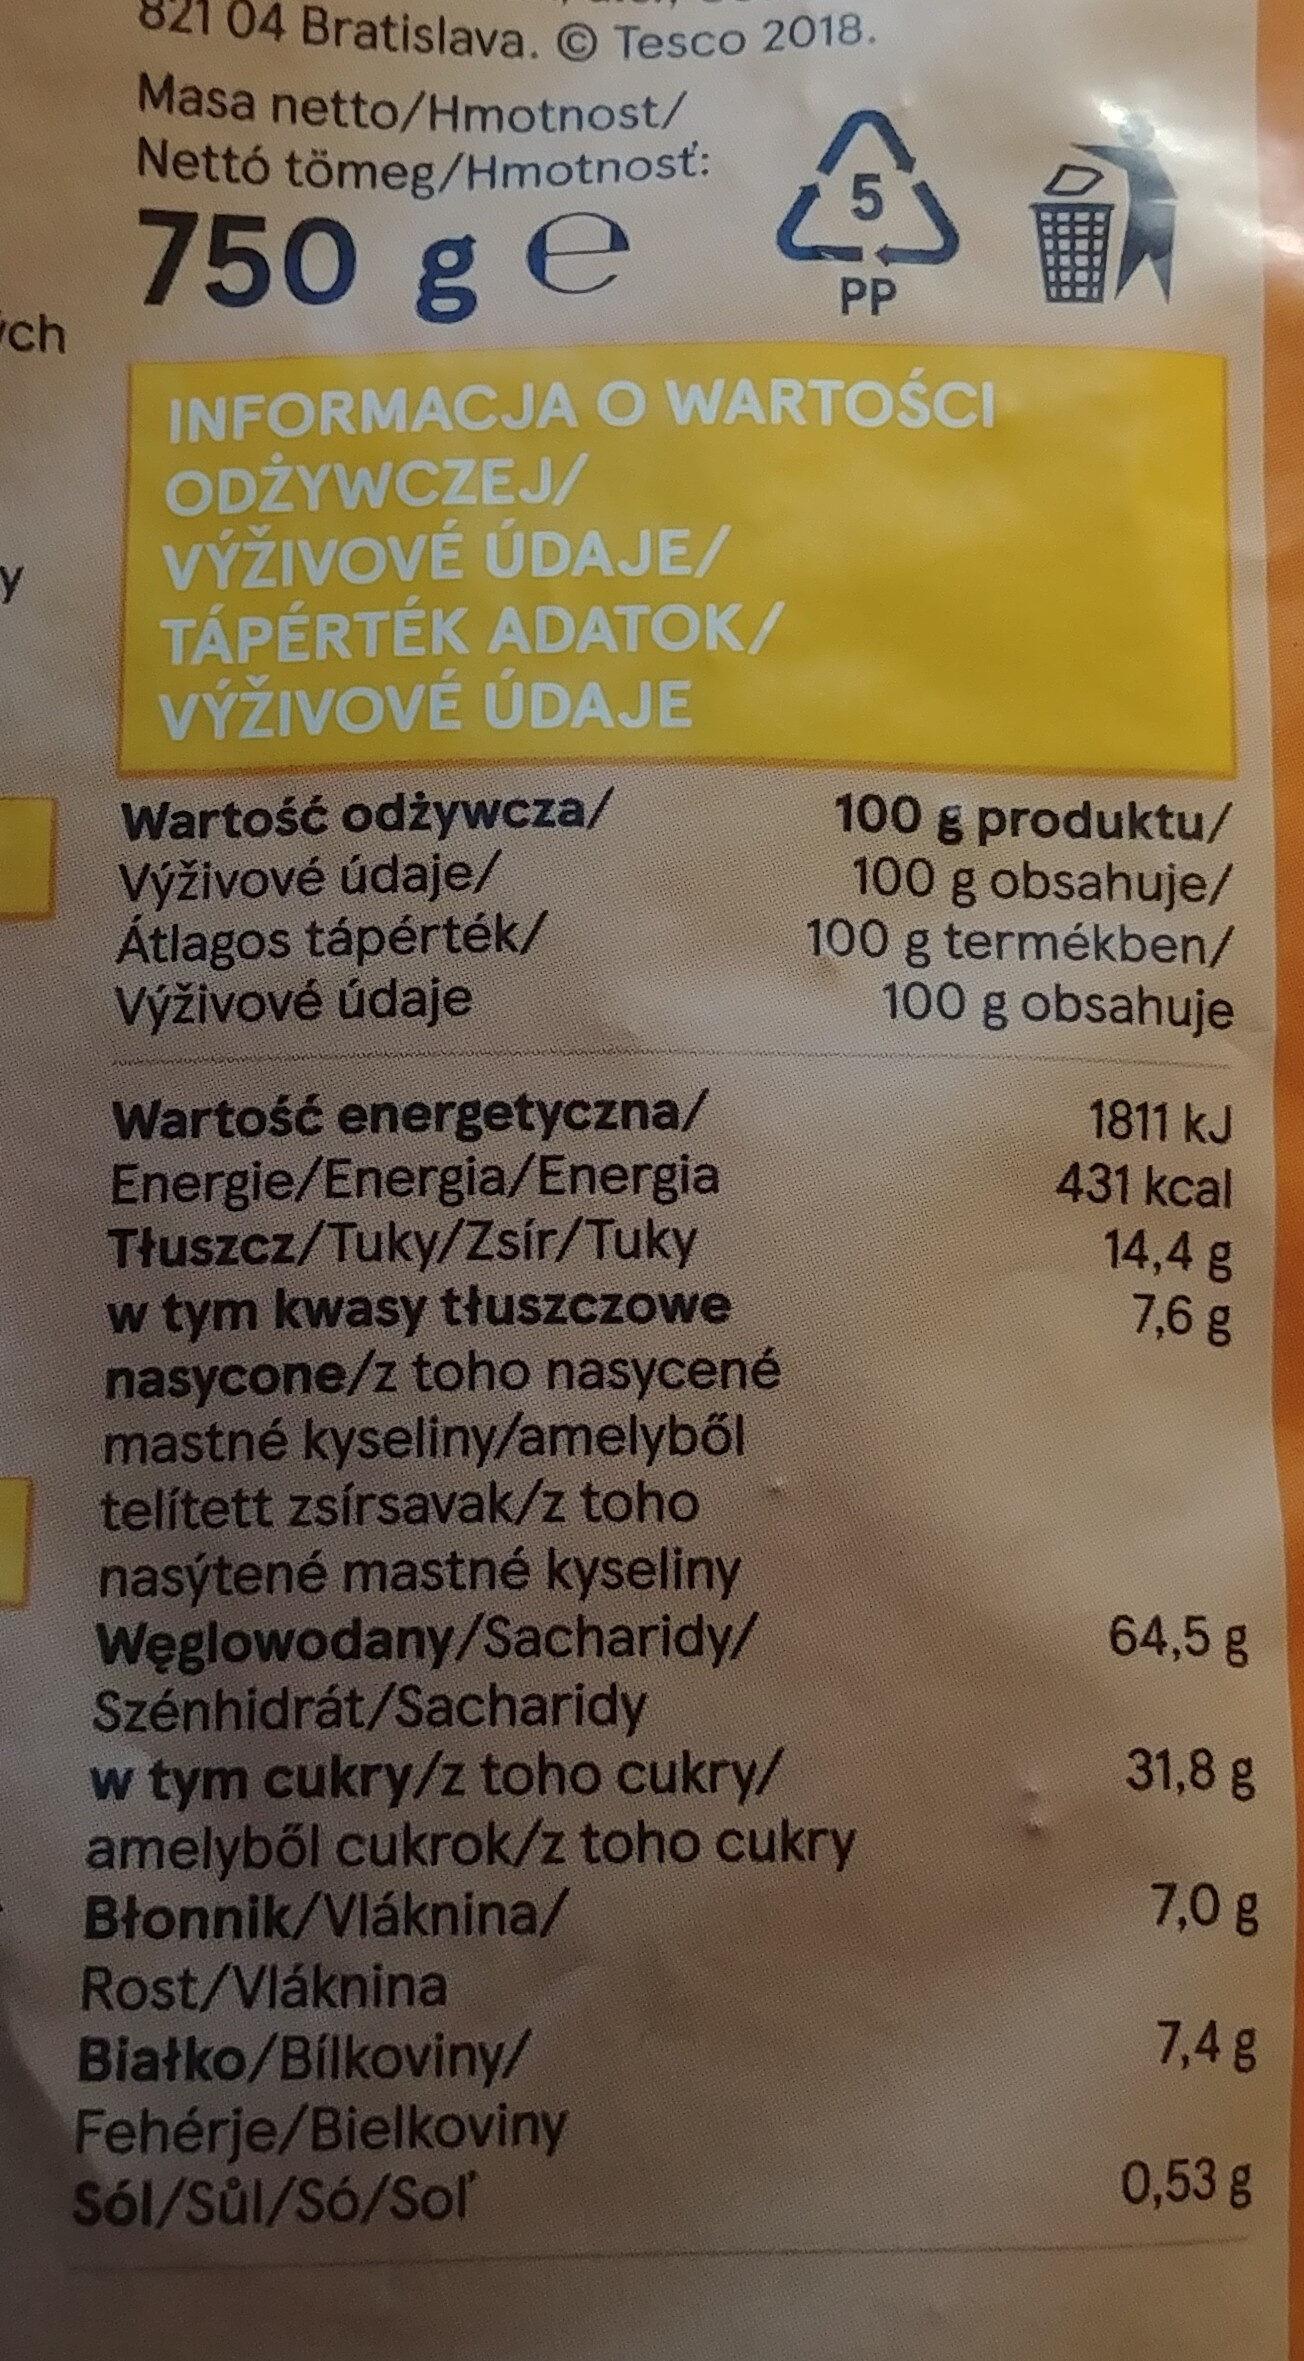 Musli prażone z kawałkami suszonych i kandyzowanych owoców. - Wartości odżywcze - pl